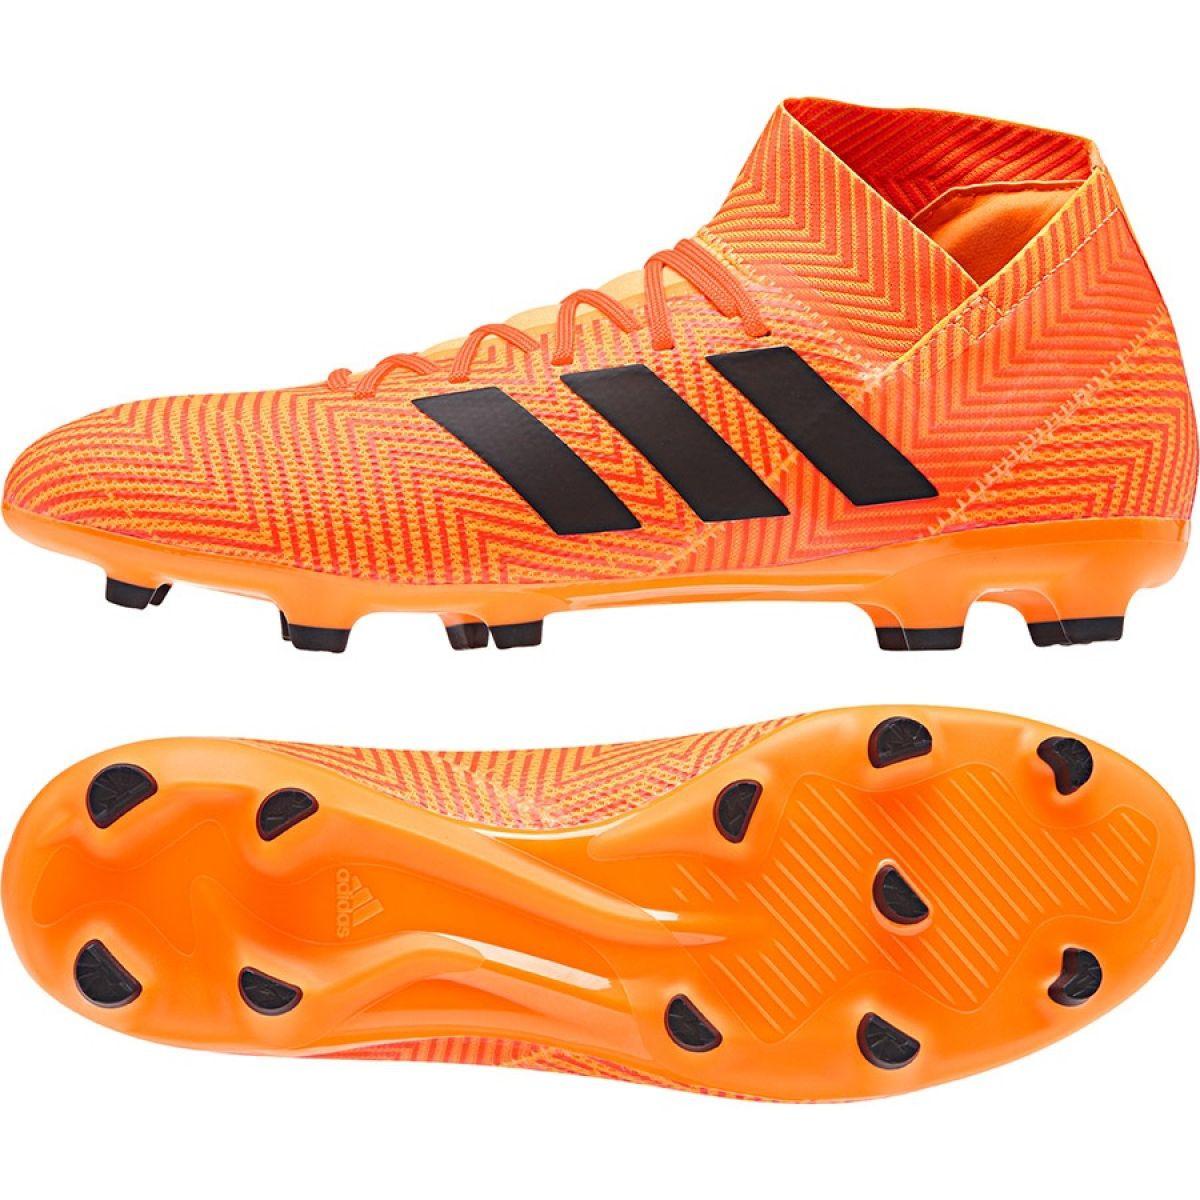 Chuteiras de futebol adidas Nemeziz 18.3 Fg M DA9590 laranja laranja